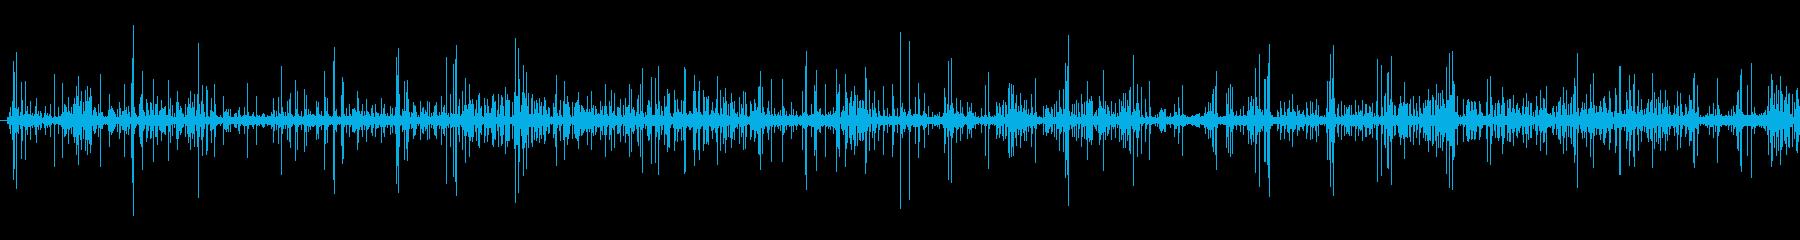 手持ち花火の音 パチパチパチパチの再生済みの波形